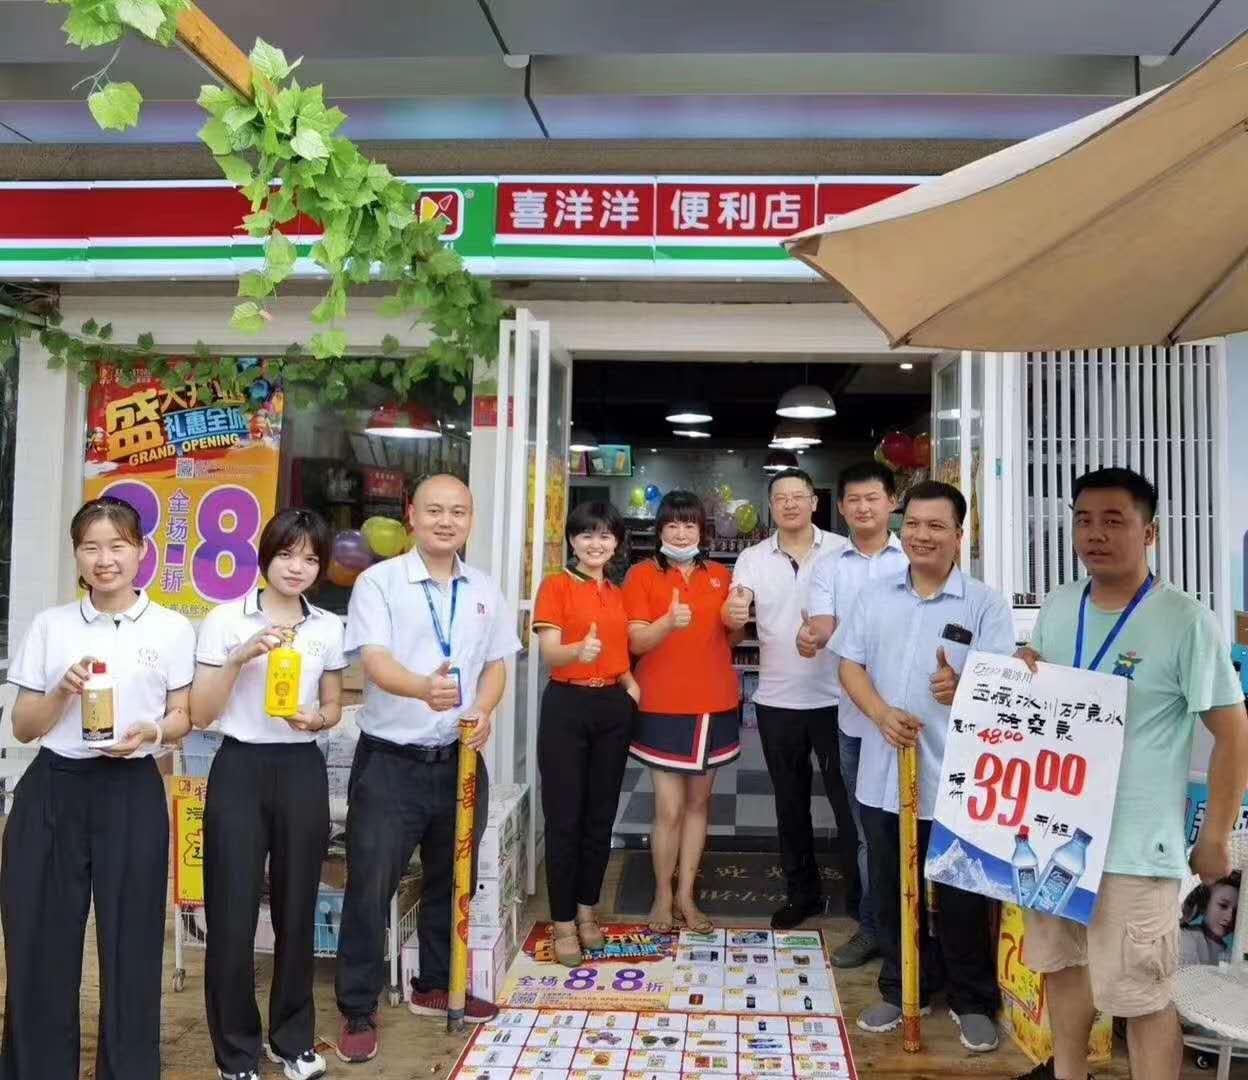 热烈祝贺喜洋洋8月1日又迎来新店开业:厚街万达分店